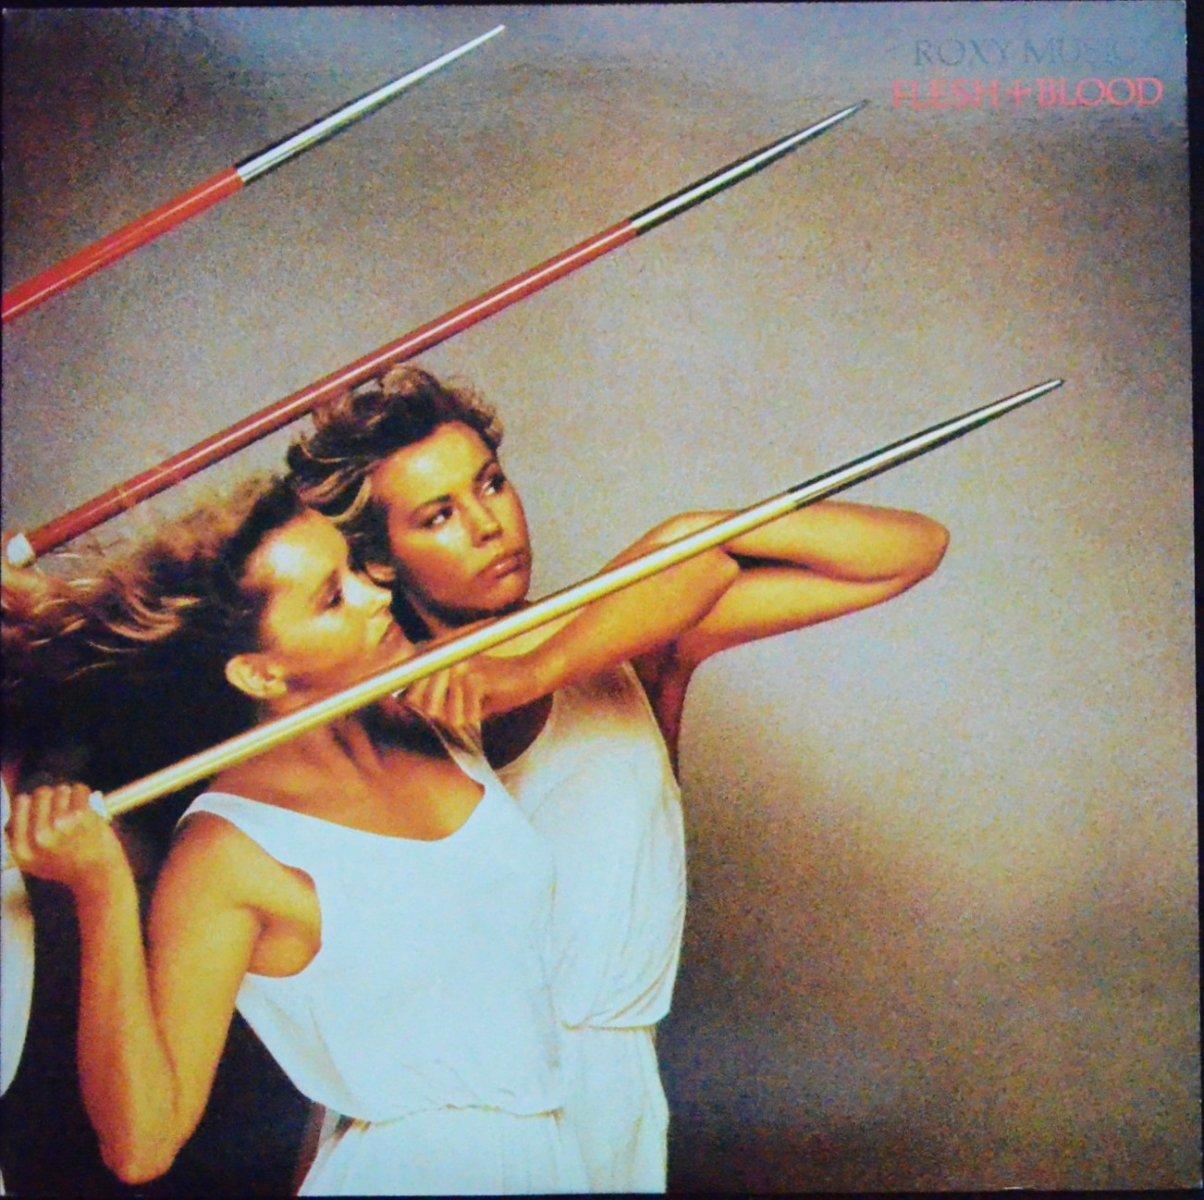 ロキシー・ミュージック ROXY MUSIC / フレッシュ・アンド・ブラッド FLESH + BLOOD (LP)